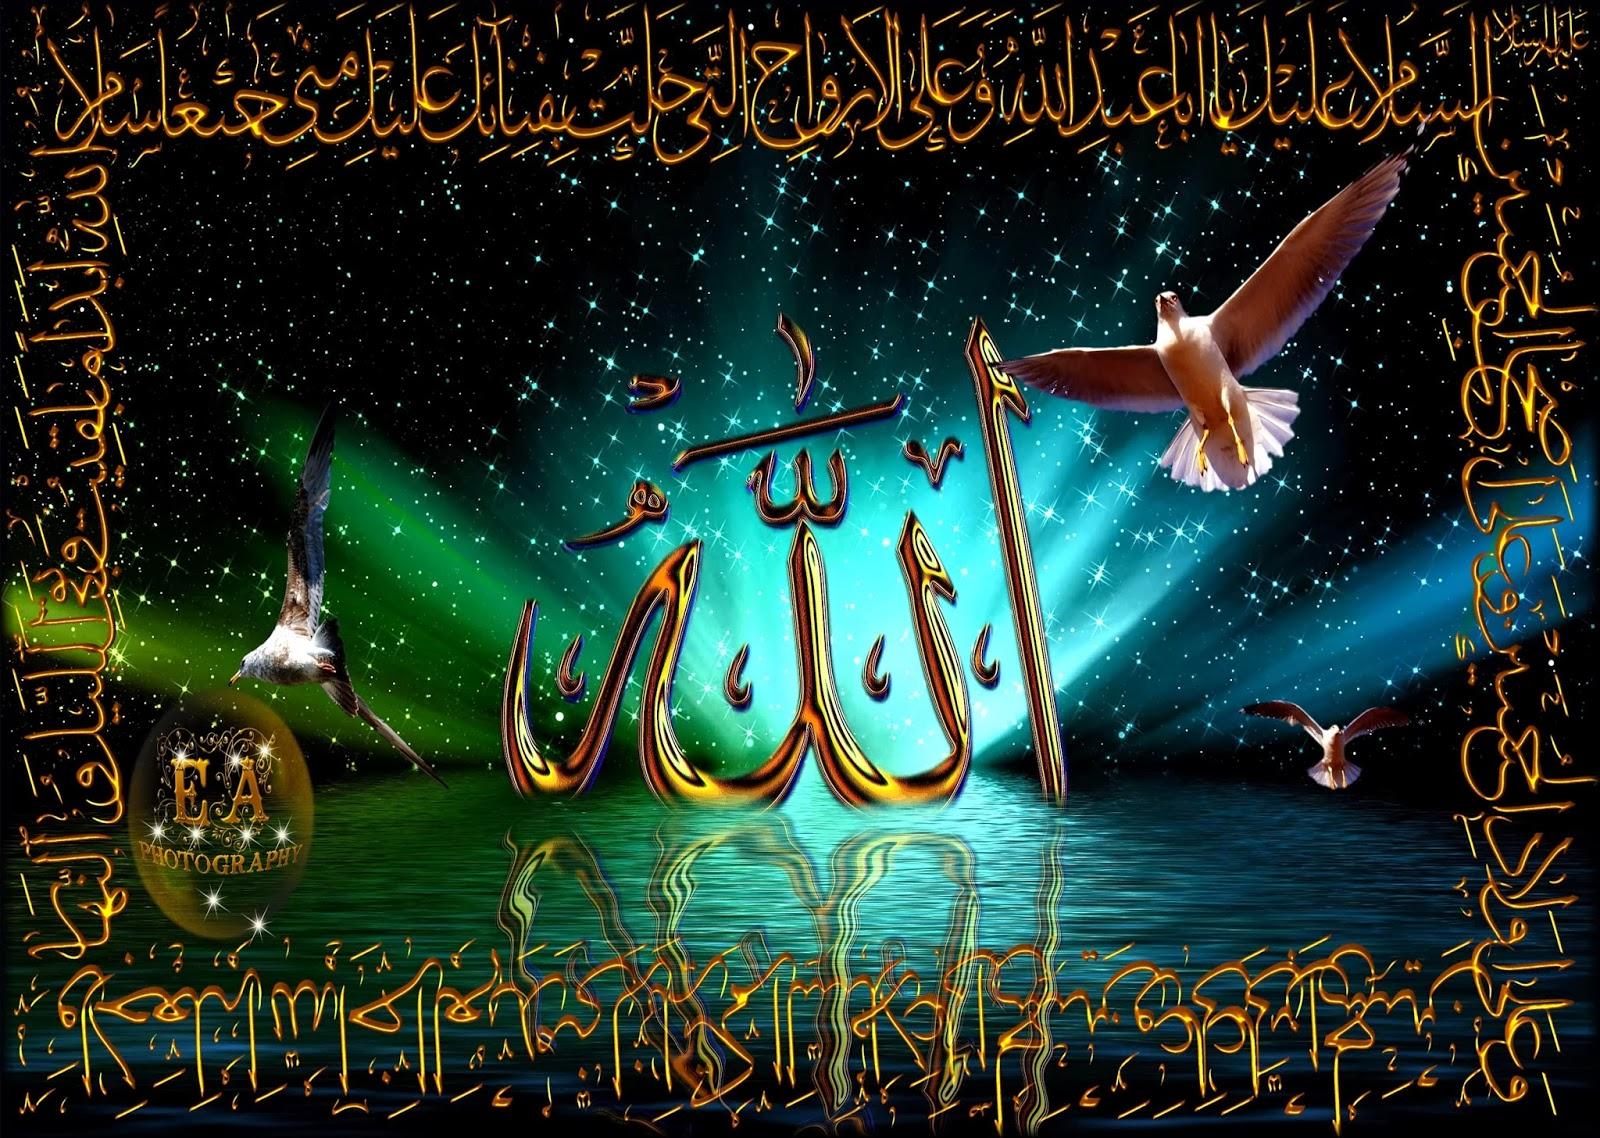 доброй ночи картинка на арабском день